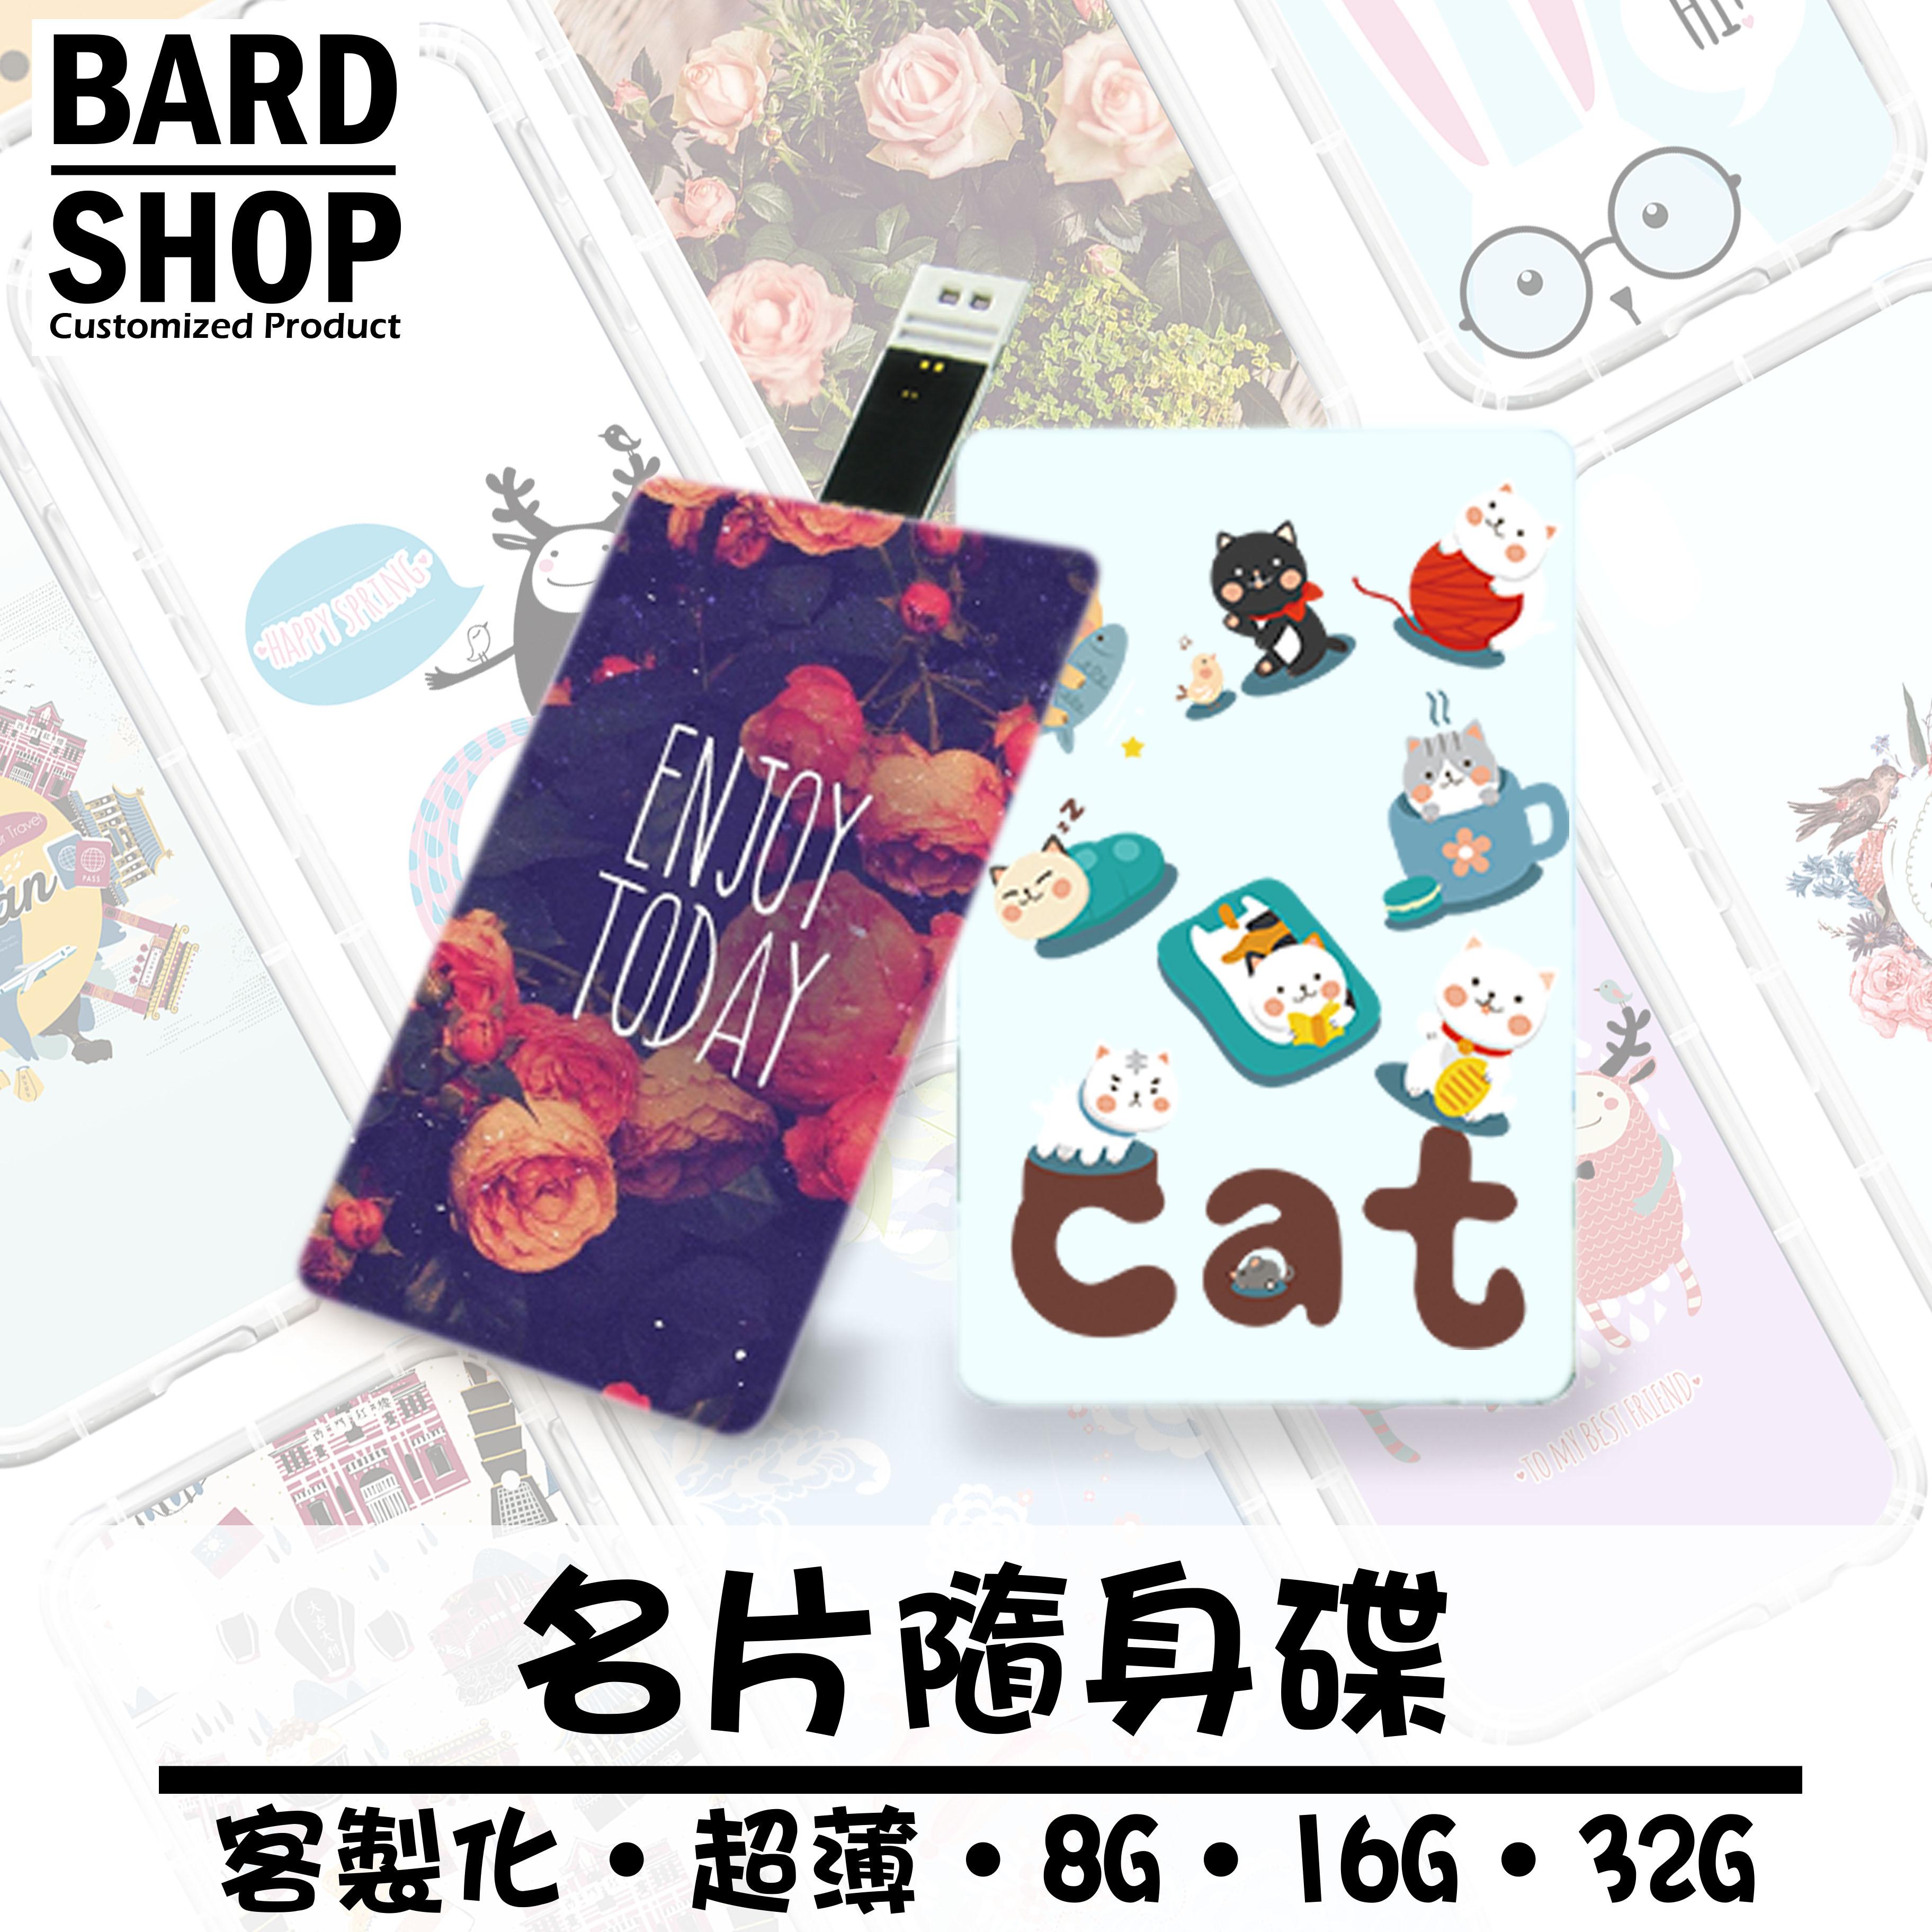 【客製圖案】BardShop客製化名片隨身碟/4G/8G/16G/32G